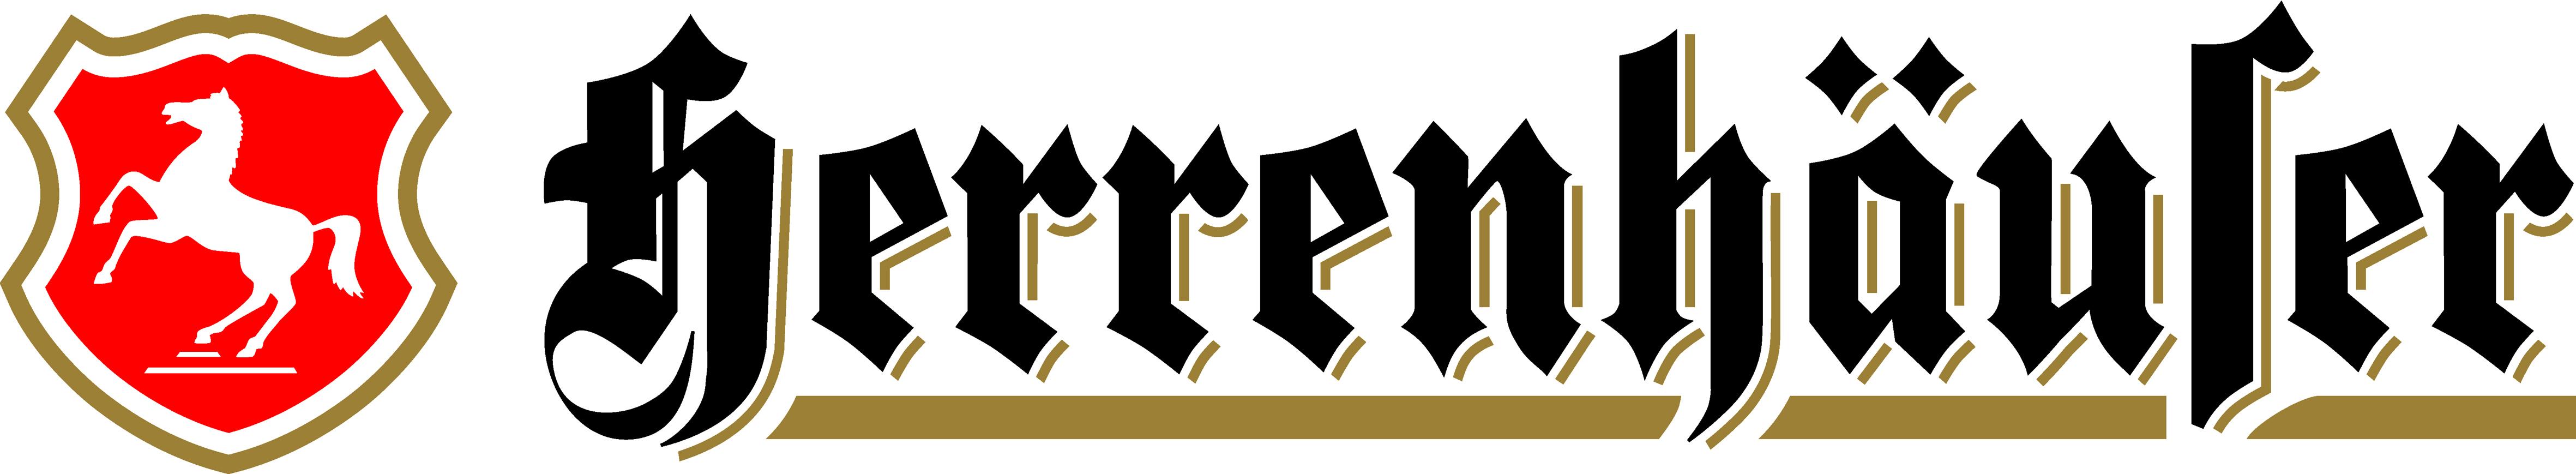 logo_gerade_typo_schwarz_gold_4c